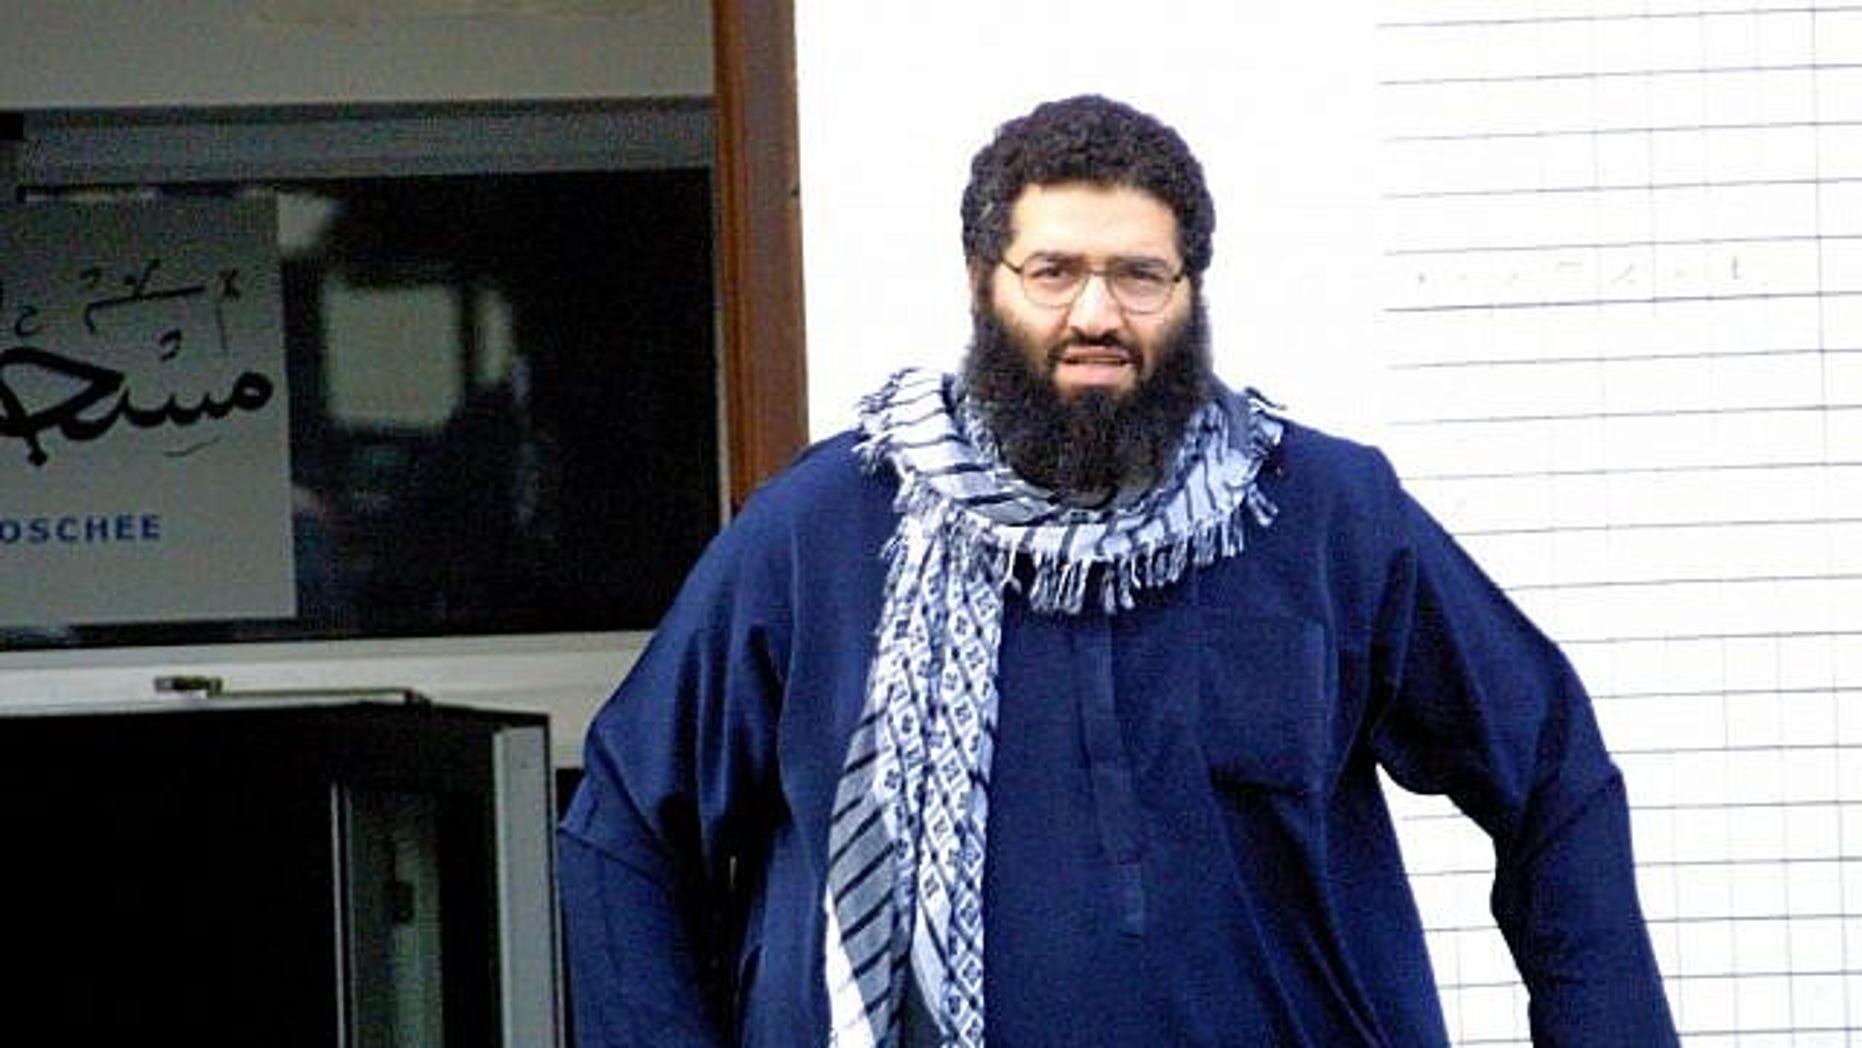 Oct. 3, 2001: Mohammed Haydar Zammar leaves a mosque in Germany.